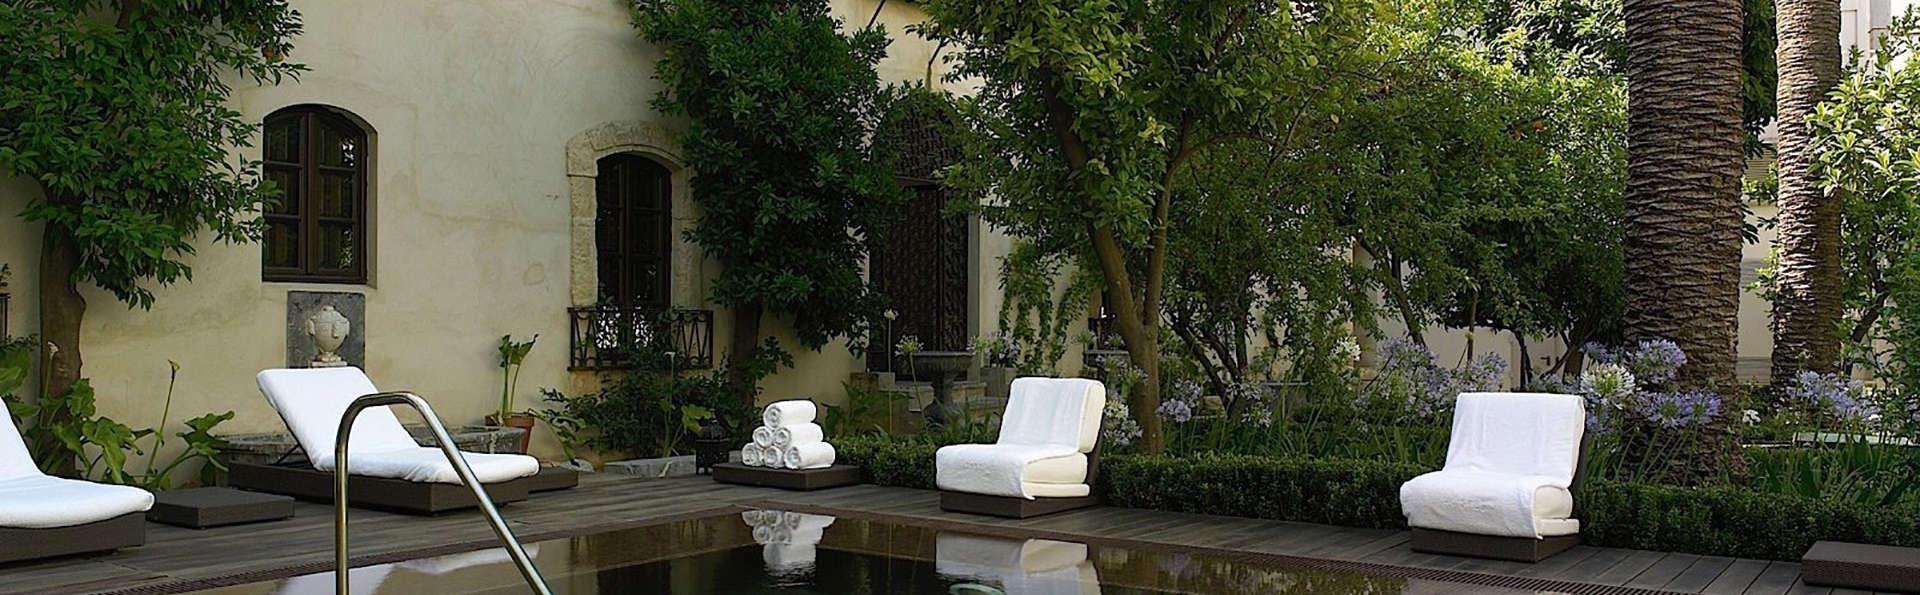 Séjour de luxe avec Spa, Cava et massage pour 2 à Cordoue